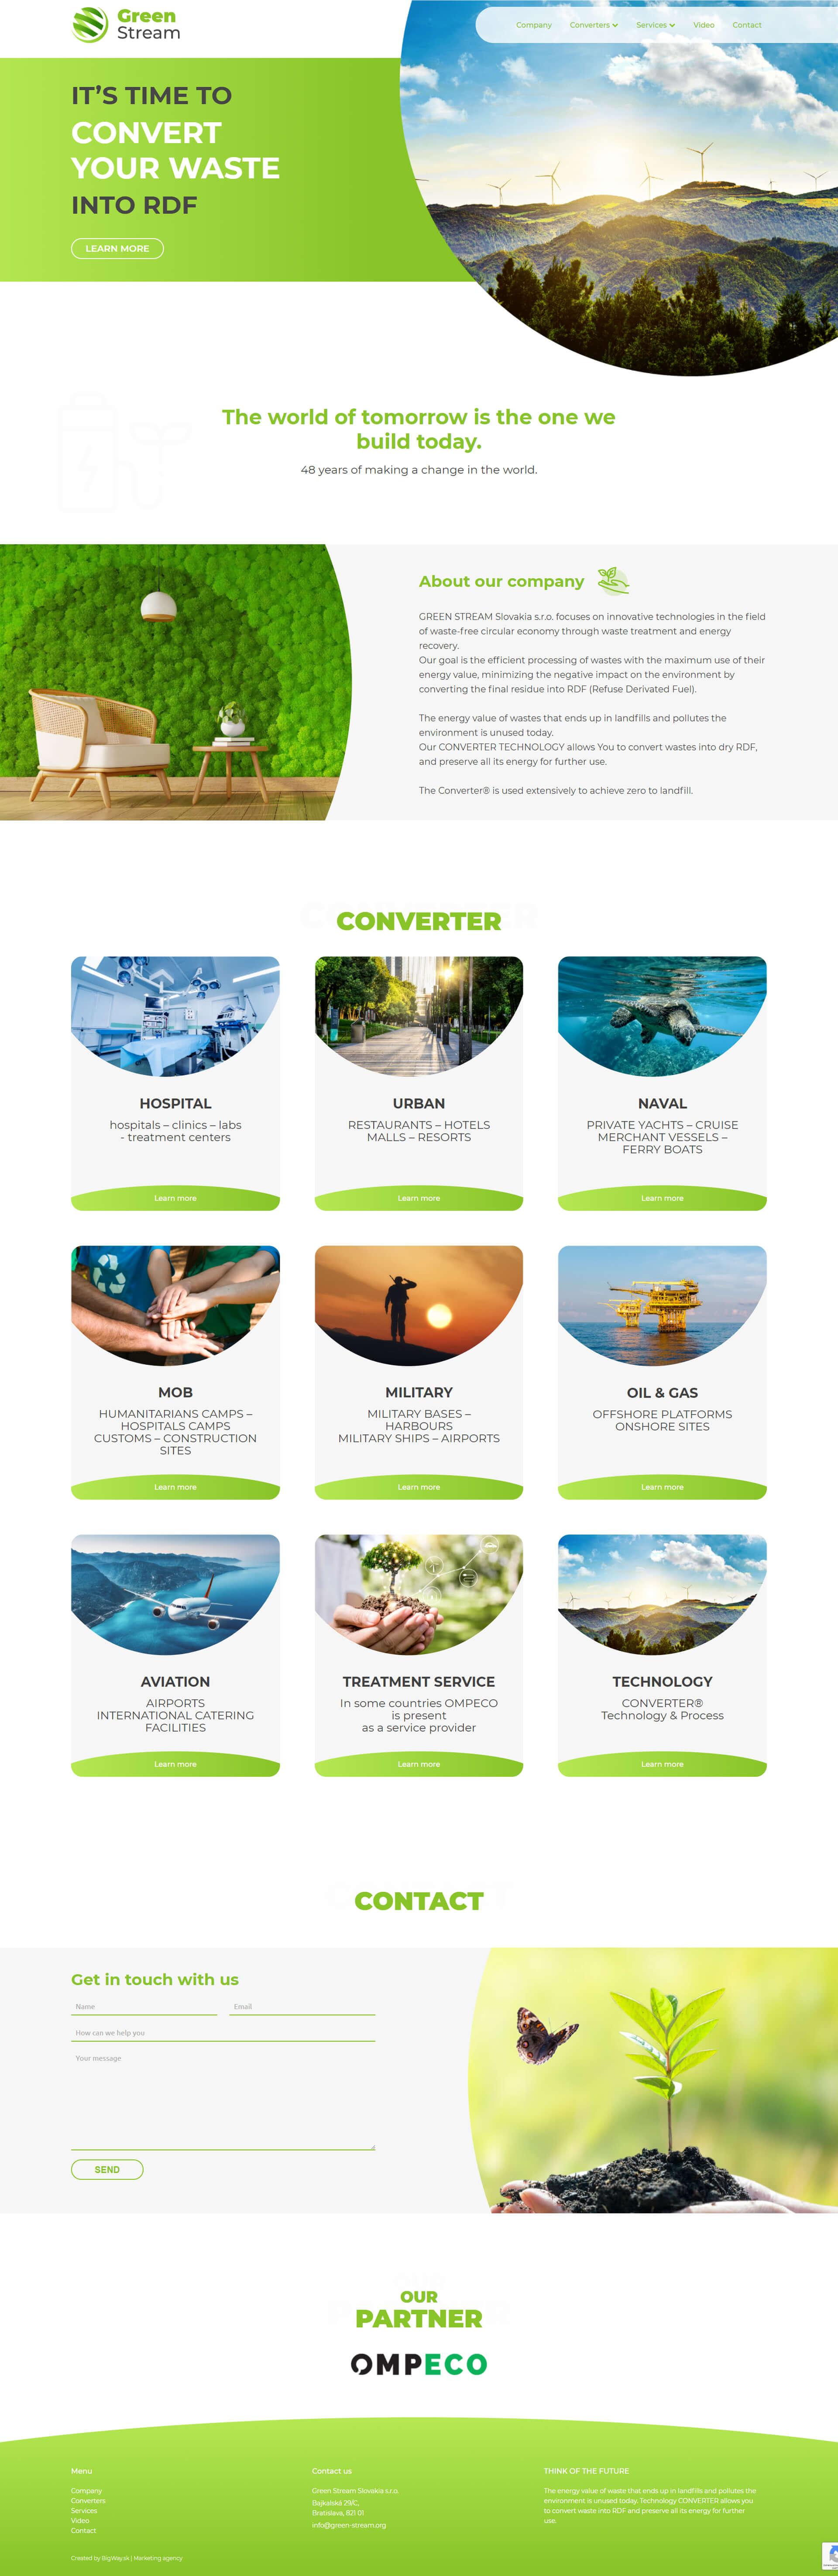 Vytvorenie webstránky pre medzinárodnú ekologickú spoločnosť